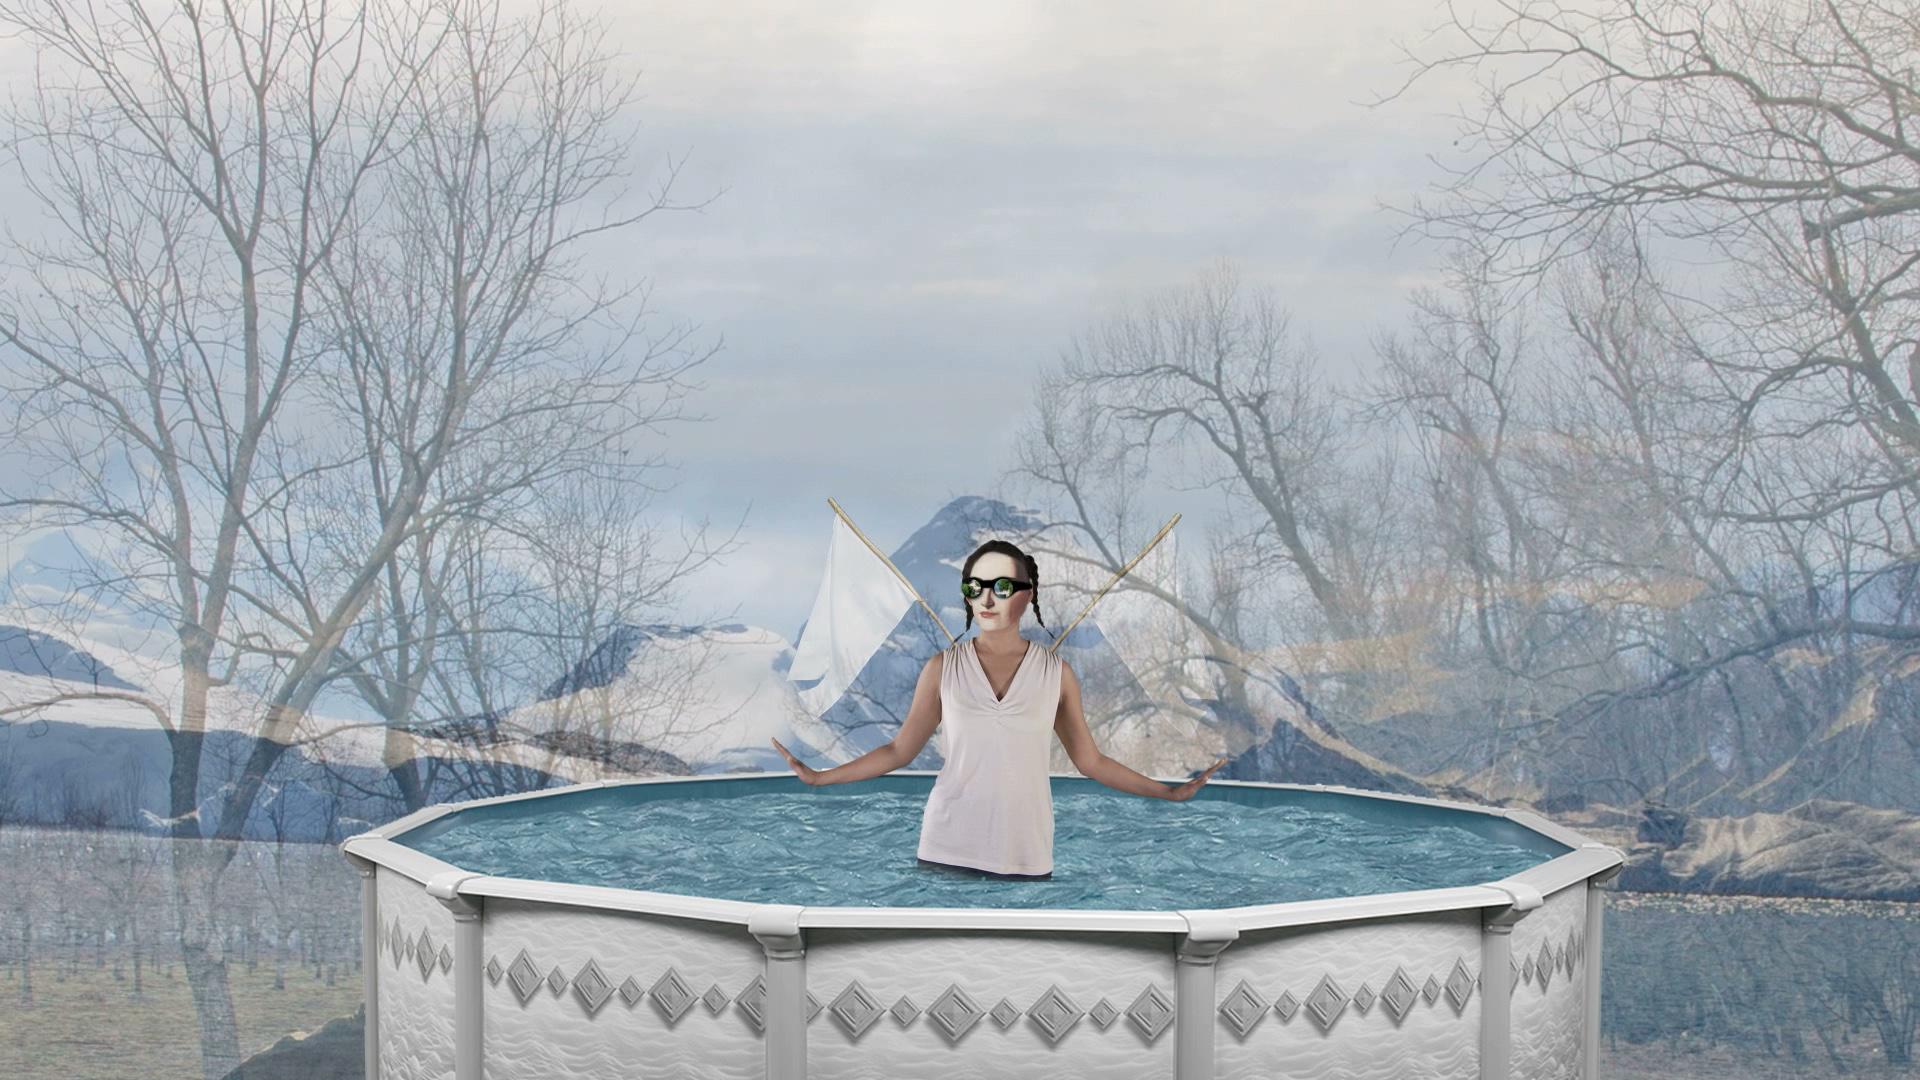 pool movie still.jpg